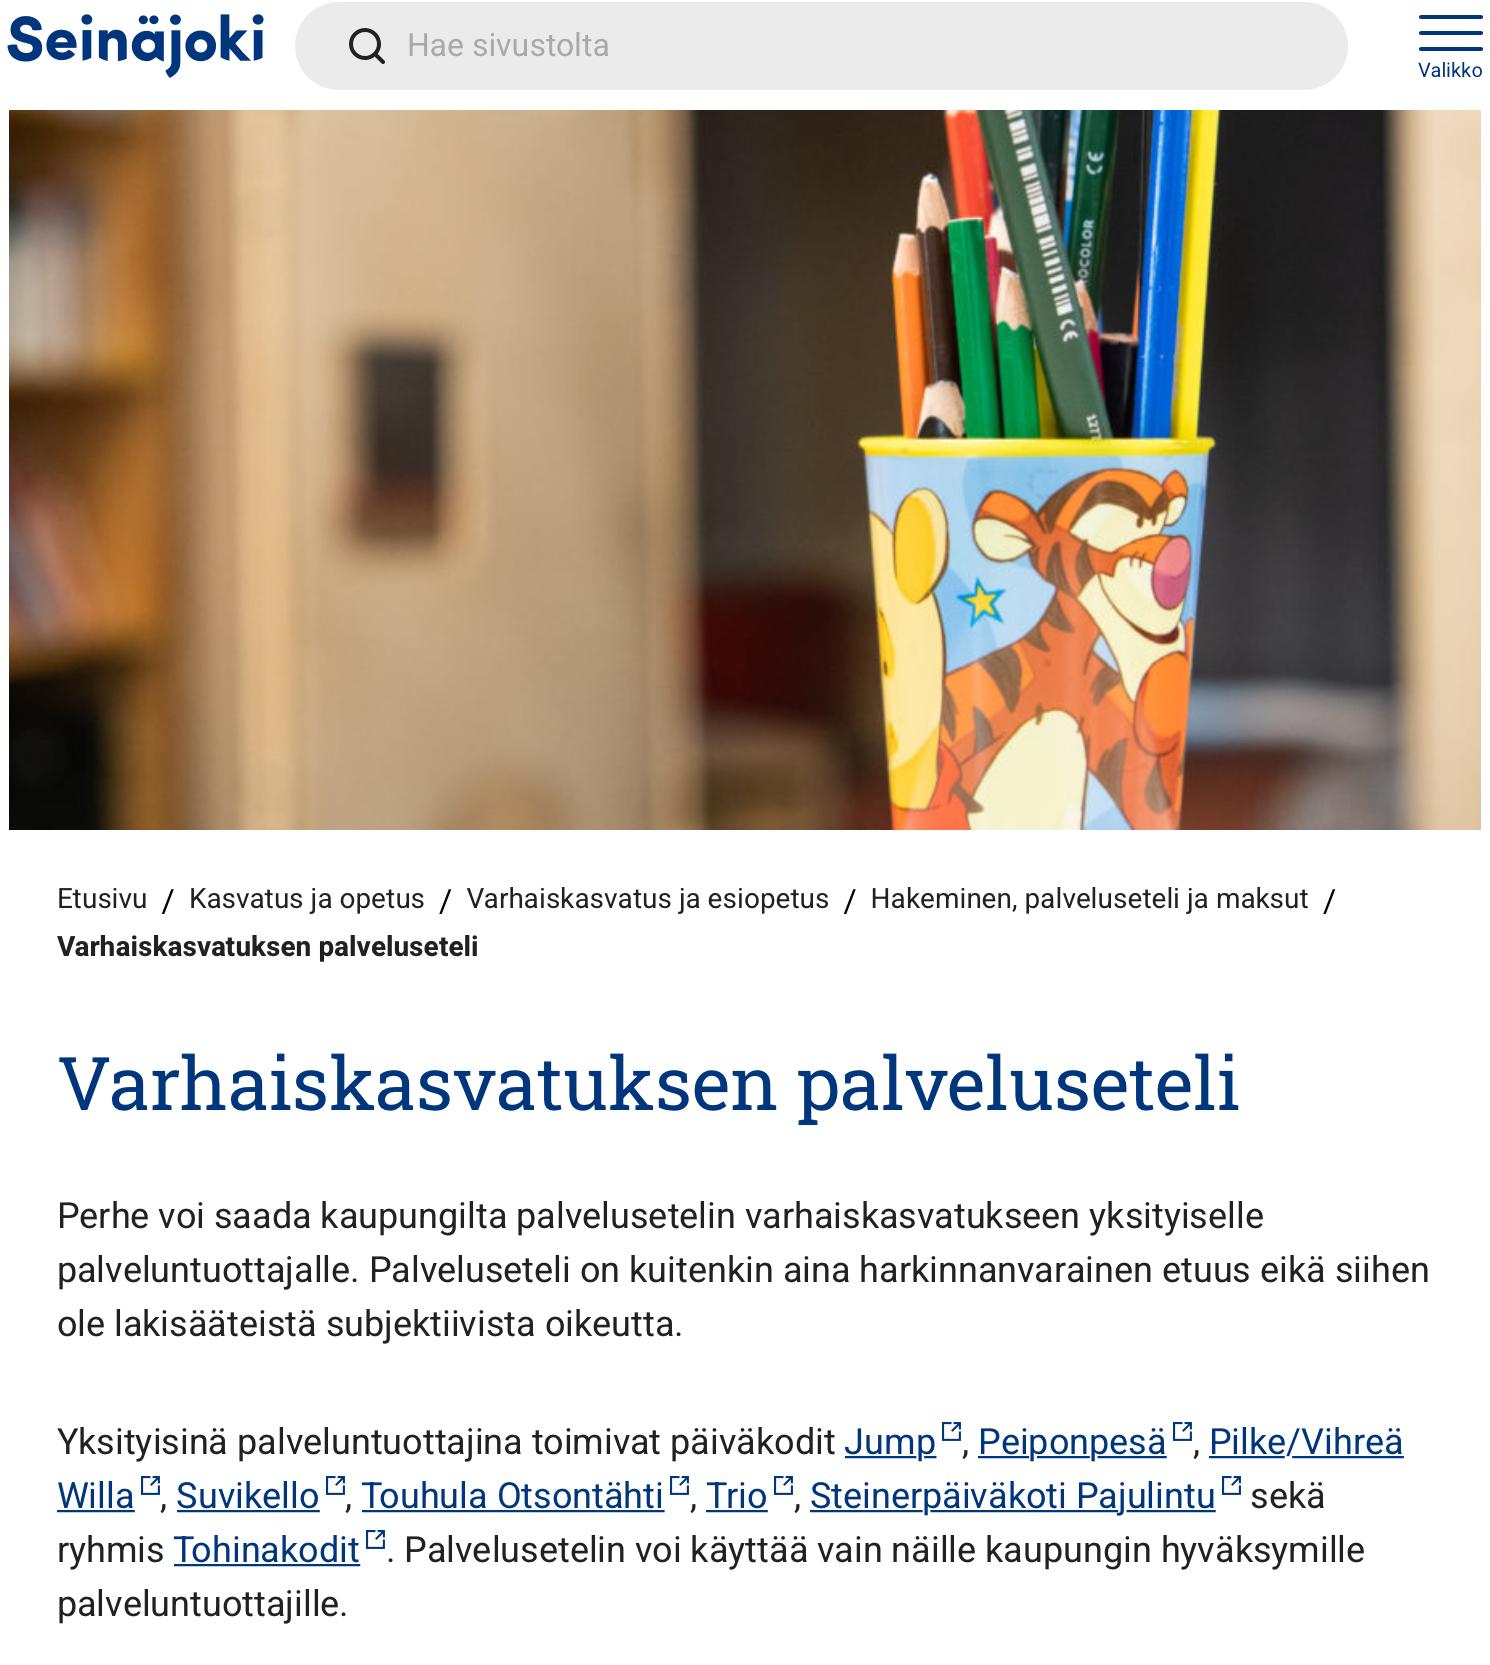 Päivähoidon palveluseteli Seinäjoella 1120 euroa, Espoossa 870 euroa